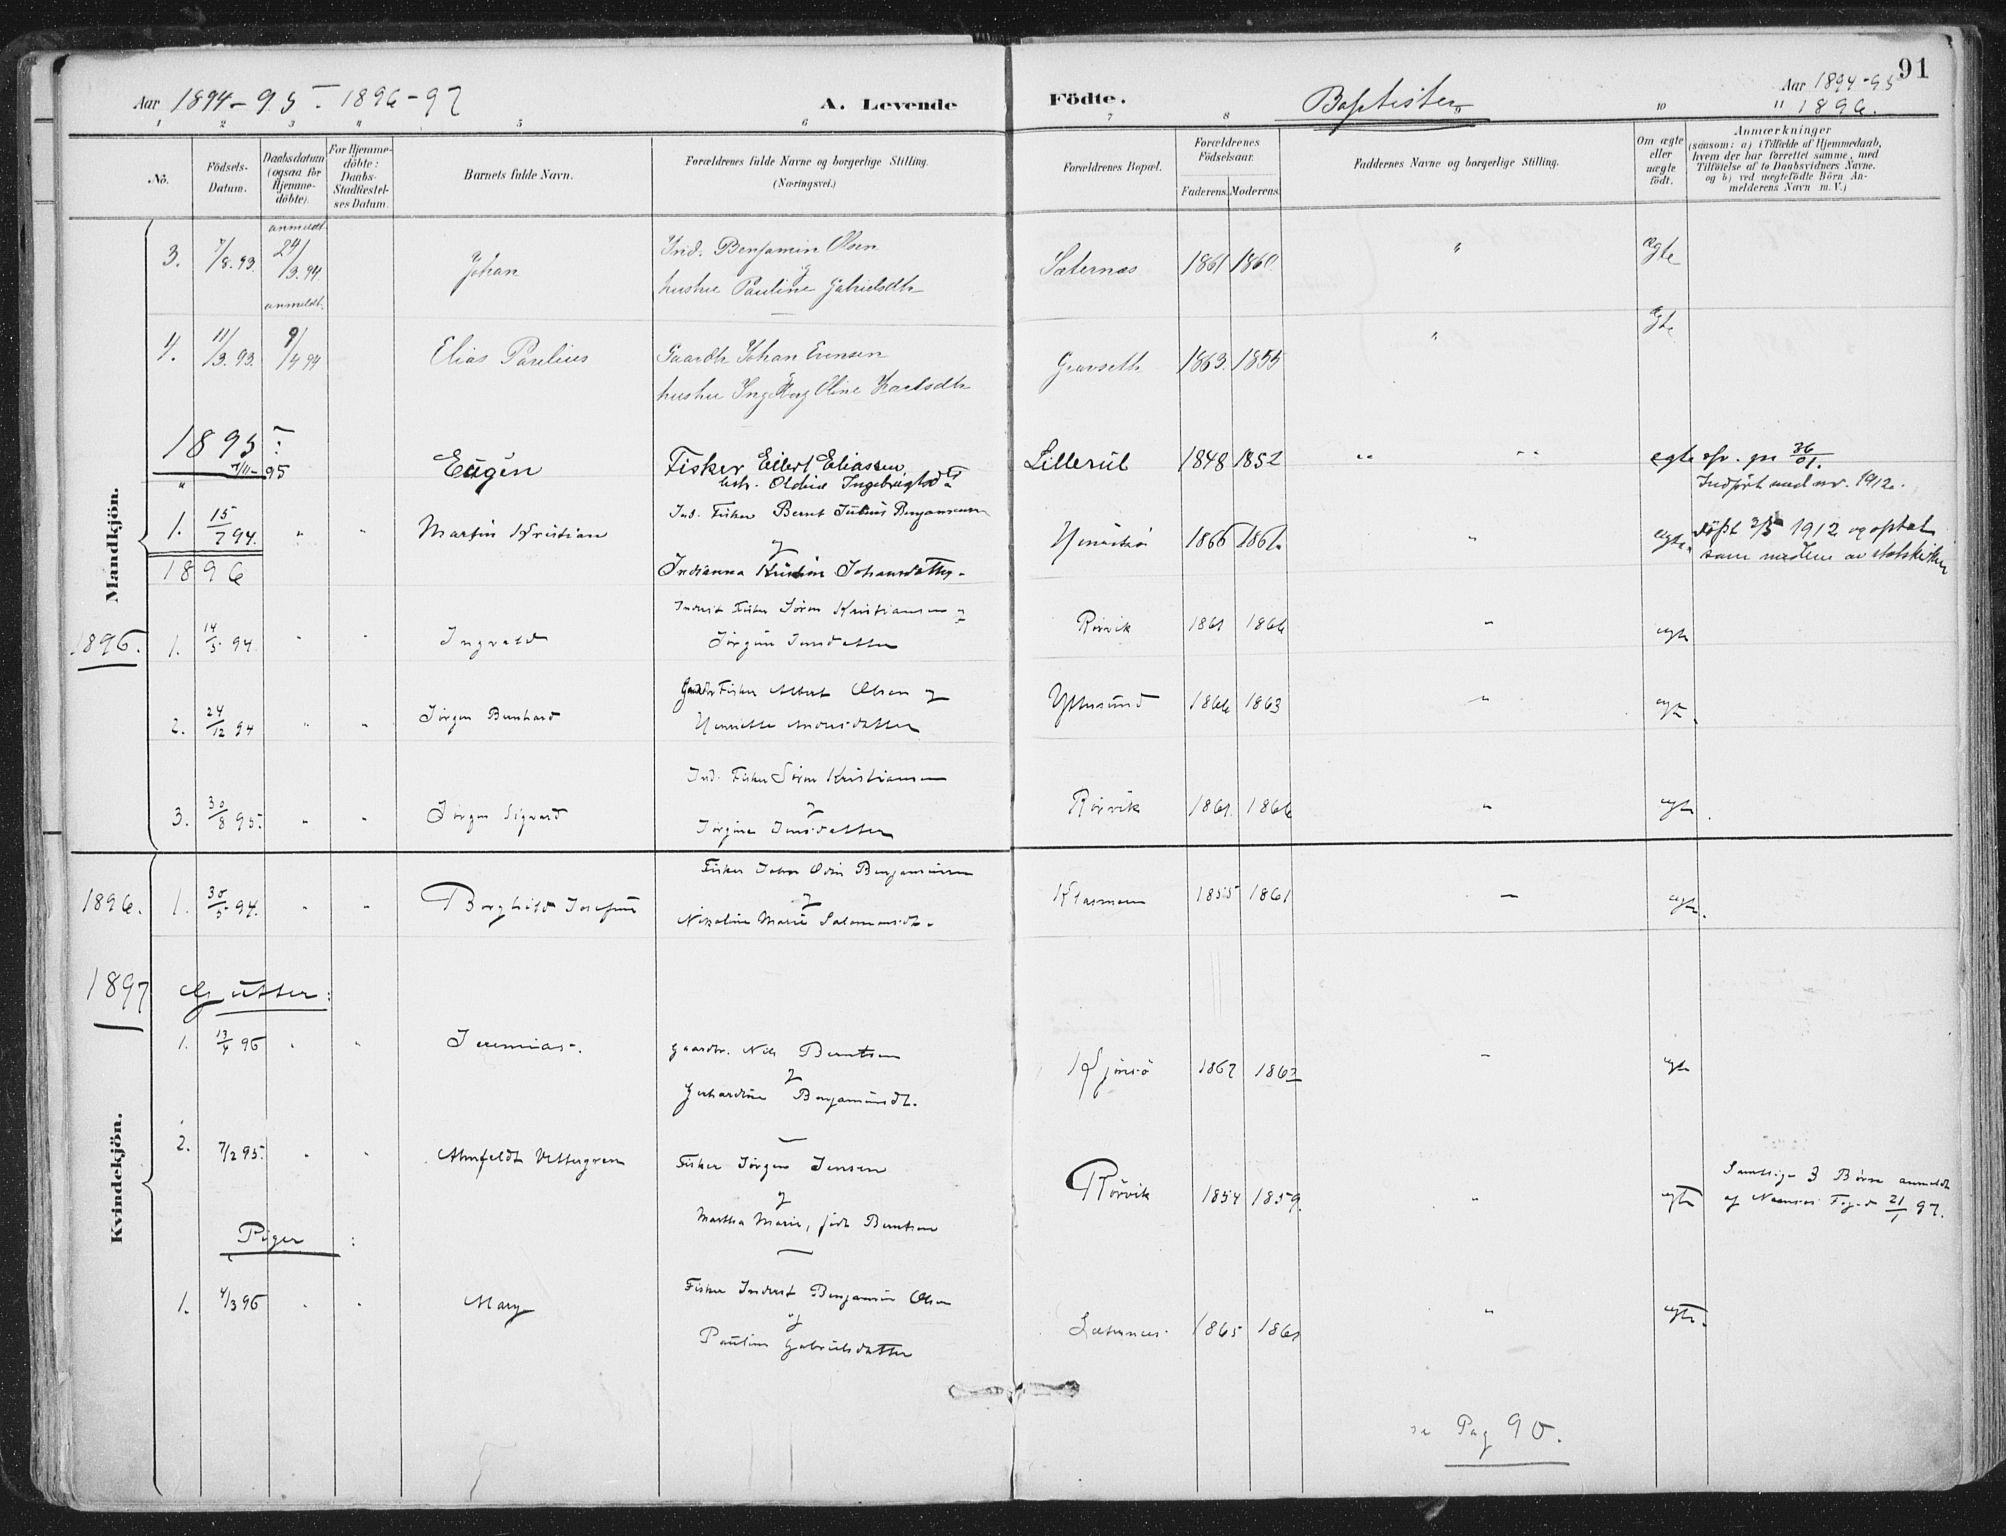 SAT, Ministerialprotokoller, klokkerbøker og fødselsregistre - Nord-Trøndelag, 786/L0687: Ministerialbok nr. 786A03, 1888-1898, s. 91